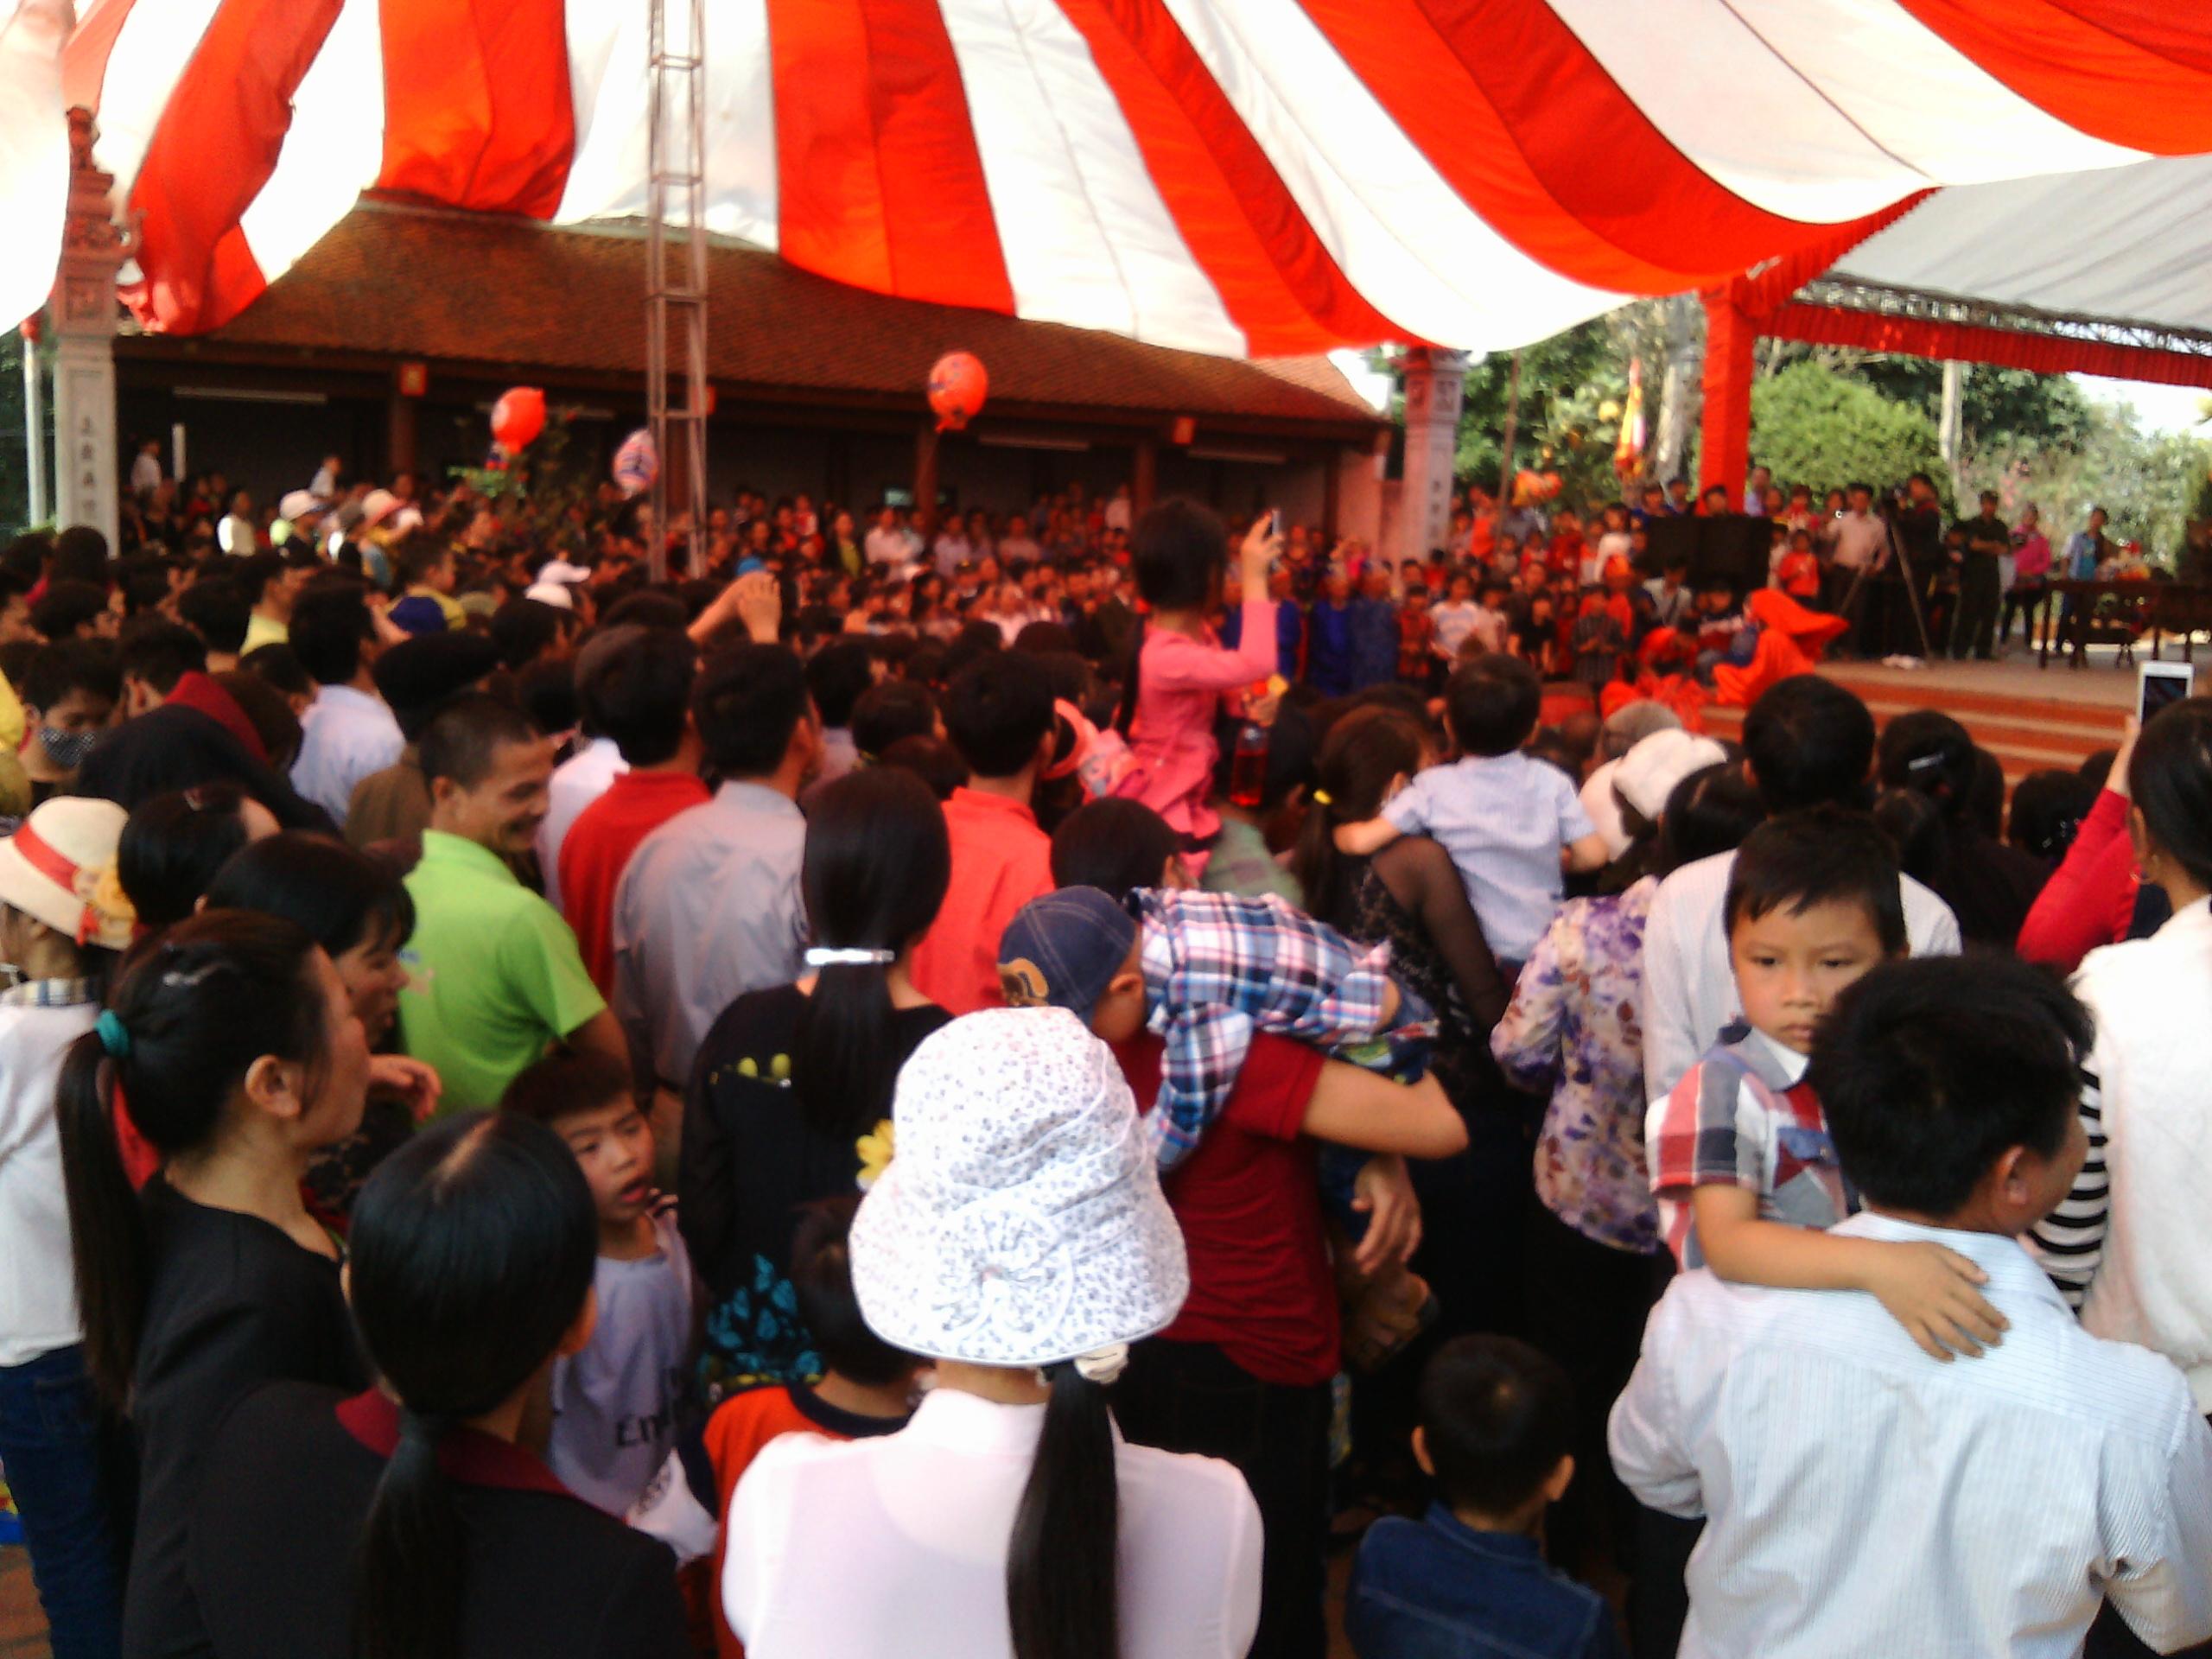 Hình ảnh Hà Nội: Chị em vô tư diện váy ngắn, quần cộc tham dự Hội đền số 1